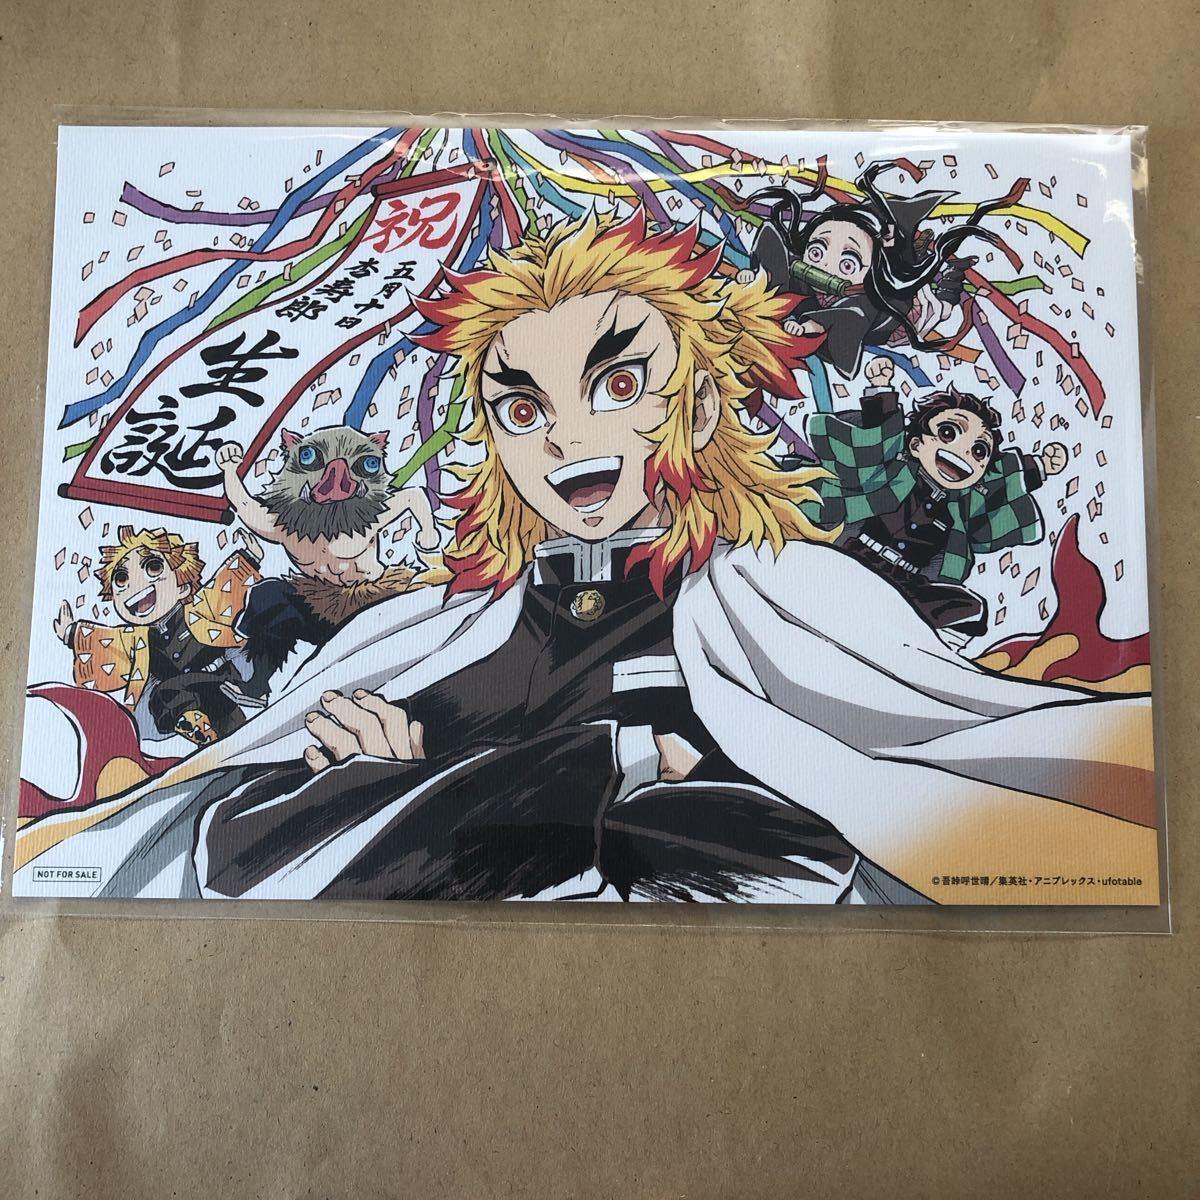 煉獄杏寿郎の生誕祭記念カード「鬼滅の刃」最終上映 期間限定 記念特典 無限列車